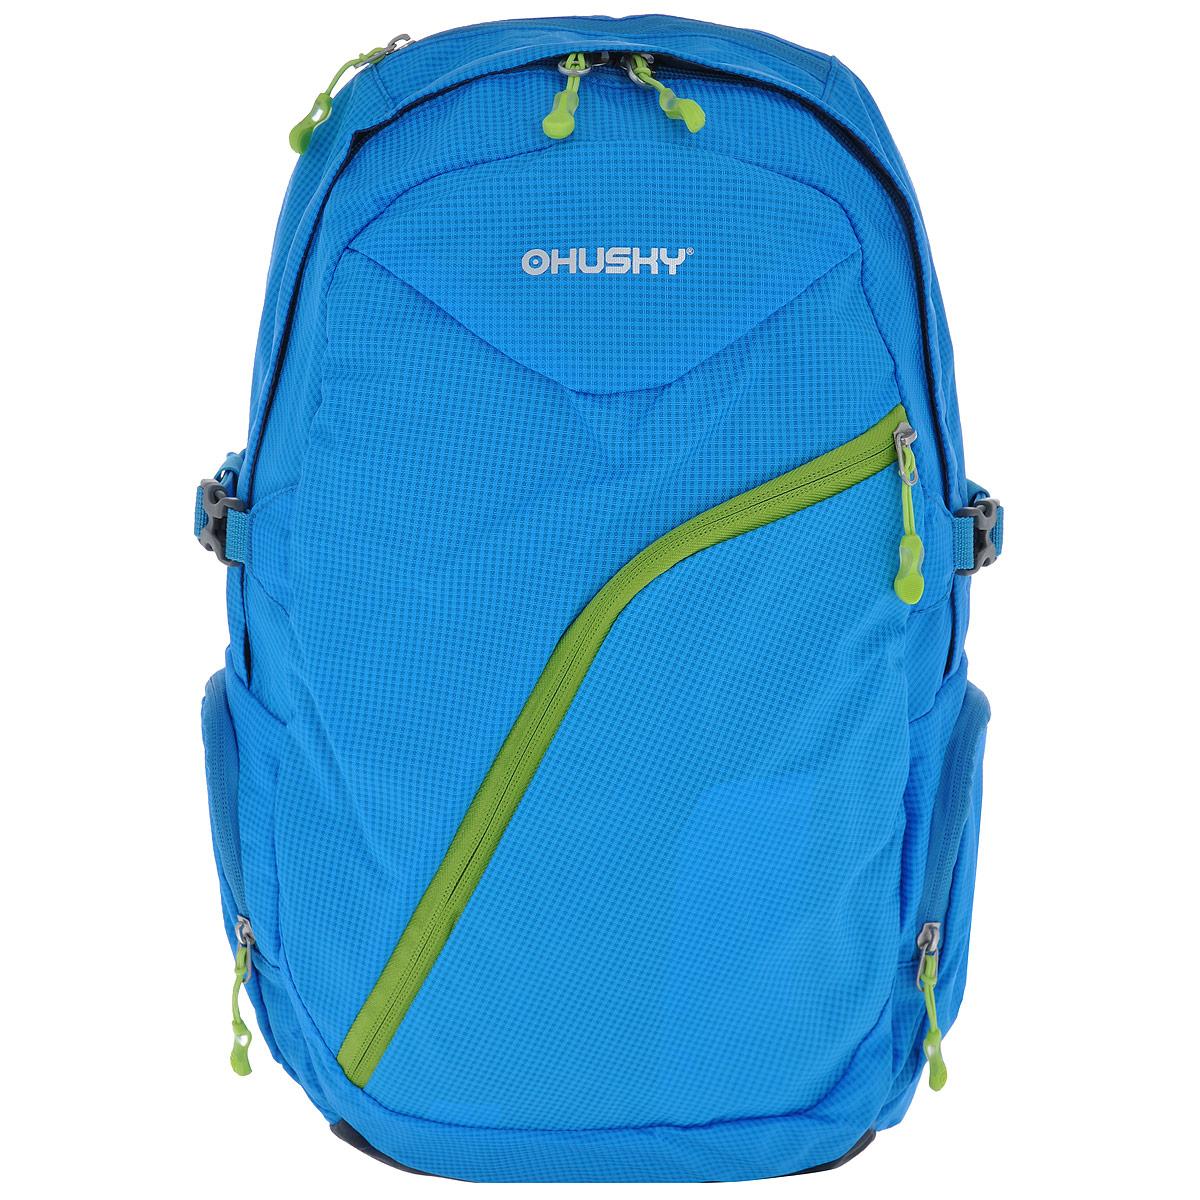 Рюкзак городской Husky Nexy, цвет: голубой, салатовый, 22 лMABLSEH10001Городской рюкзак Husky Nexy изготовлен из водонепроницаемого нейлона, оснащен светоотражающими элементами. Рюкзак содержит одно главное отделение, в котором есть карман для переноски ноутбука или планшета.На лицевой стороне находится карман на молнии, внутри которого расположены 4 накладных кармана для канцелярии. По бокам рюкзака находятся 2 кармана на молнии. Сверху также есть 1 карман на застежке-молнии. Рюкзак очень удобно носить благодаря системе вентиляции спины AMS и широким лямкам.Вес: 550 г.